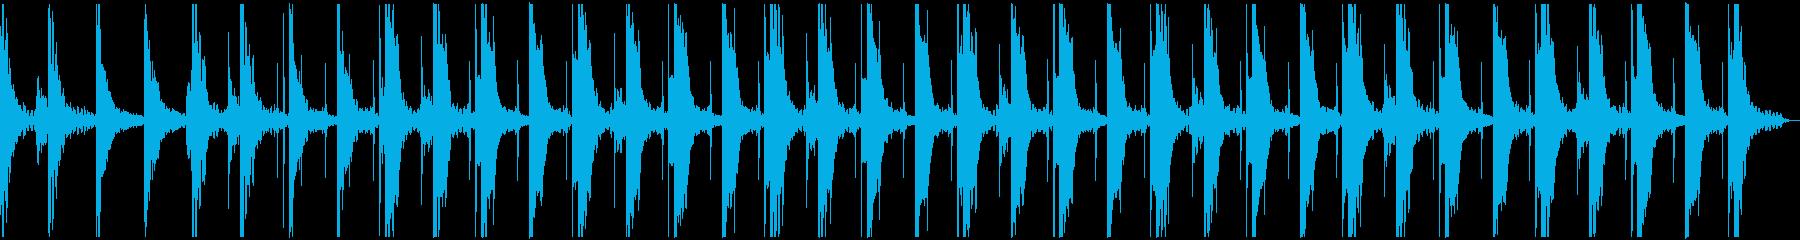 神秘的 ピアノ アンビエントの再生済みの波形